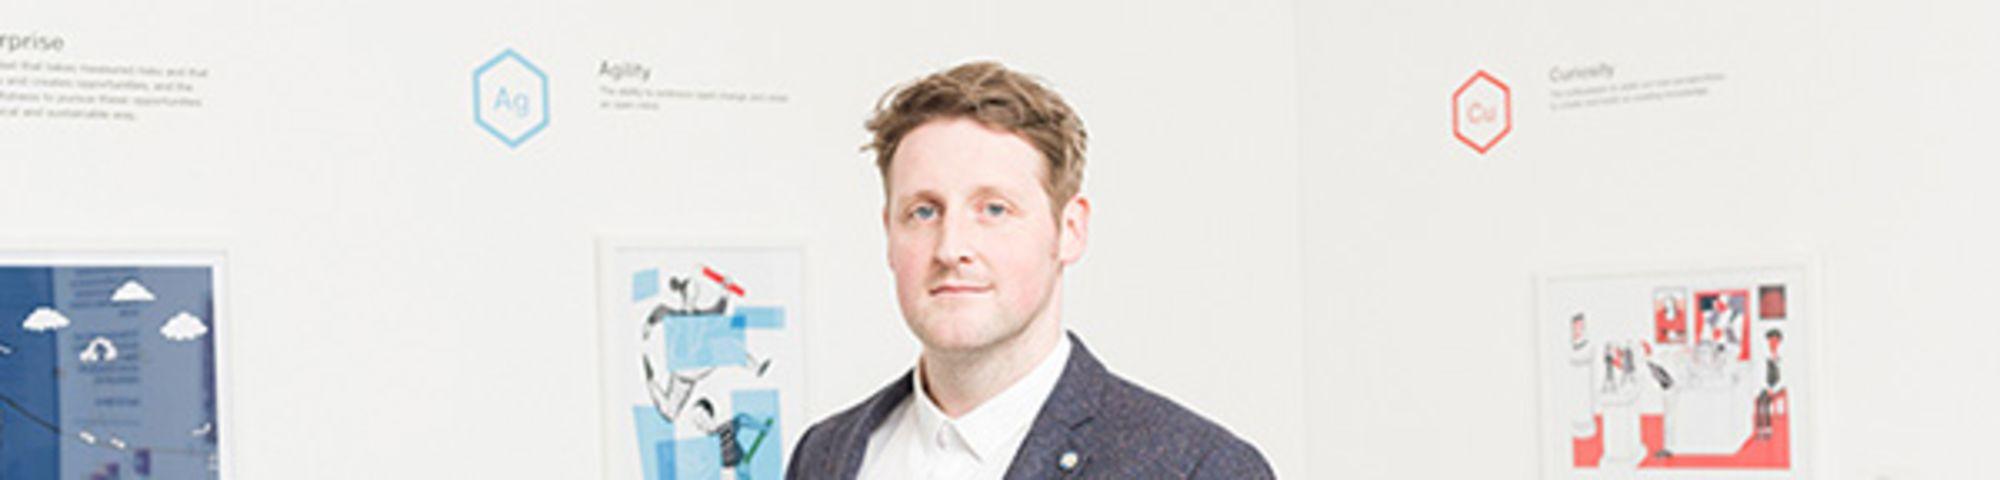 Matt-Moseley-blog-1